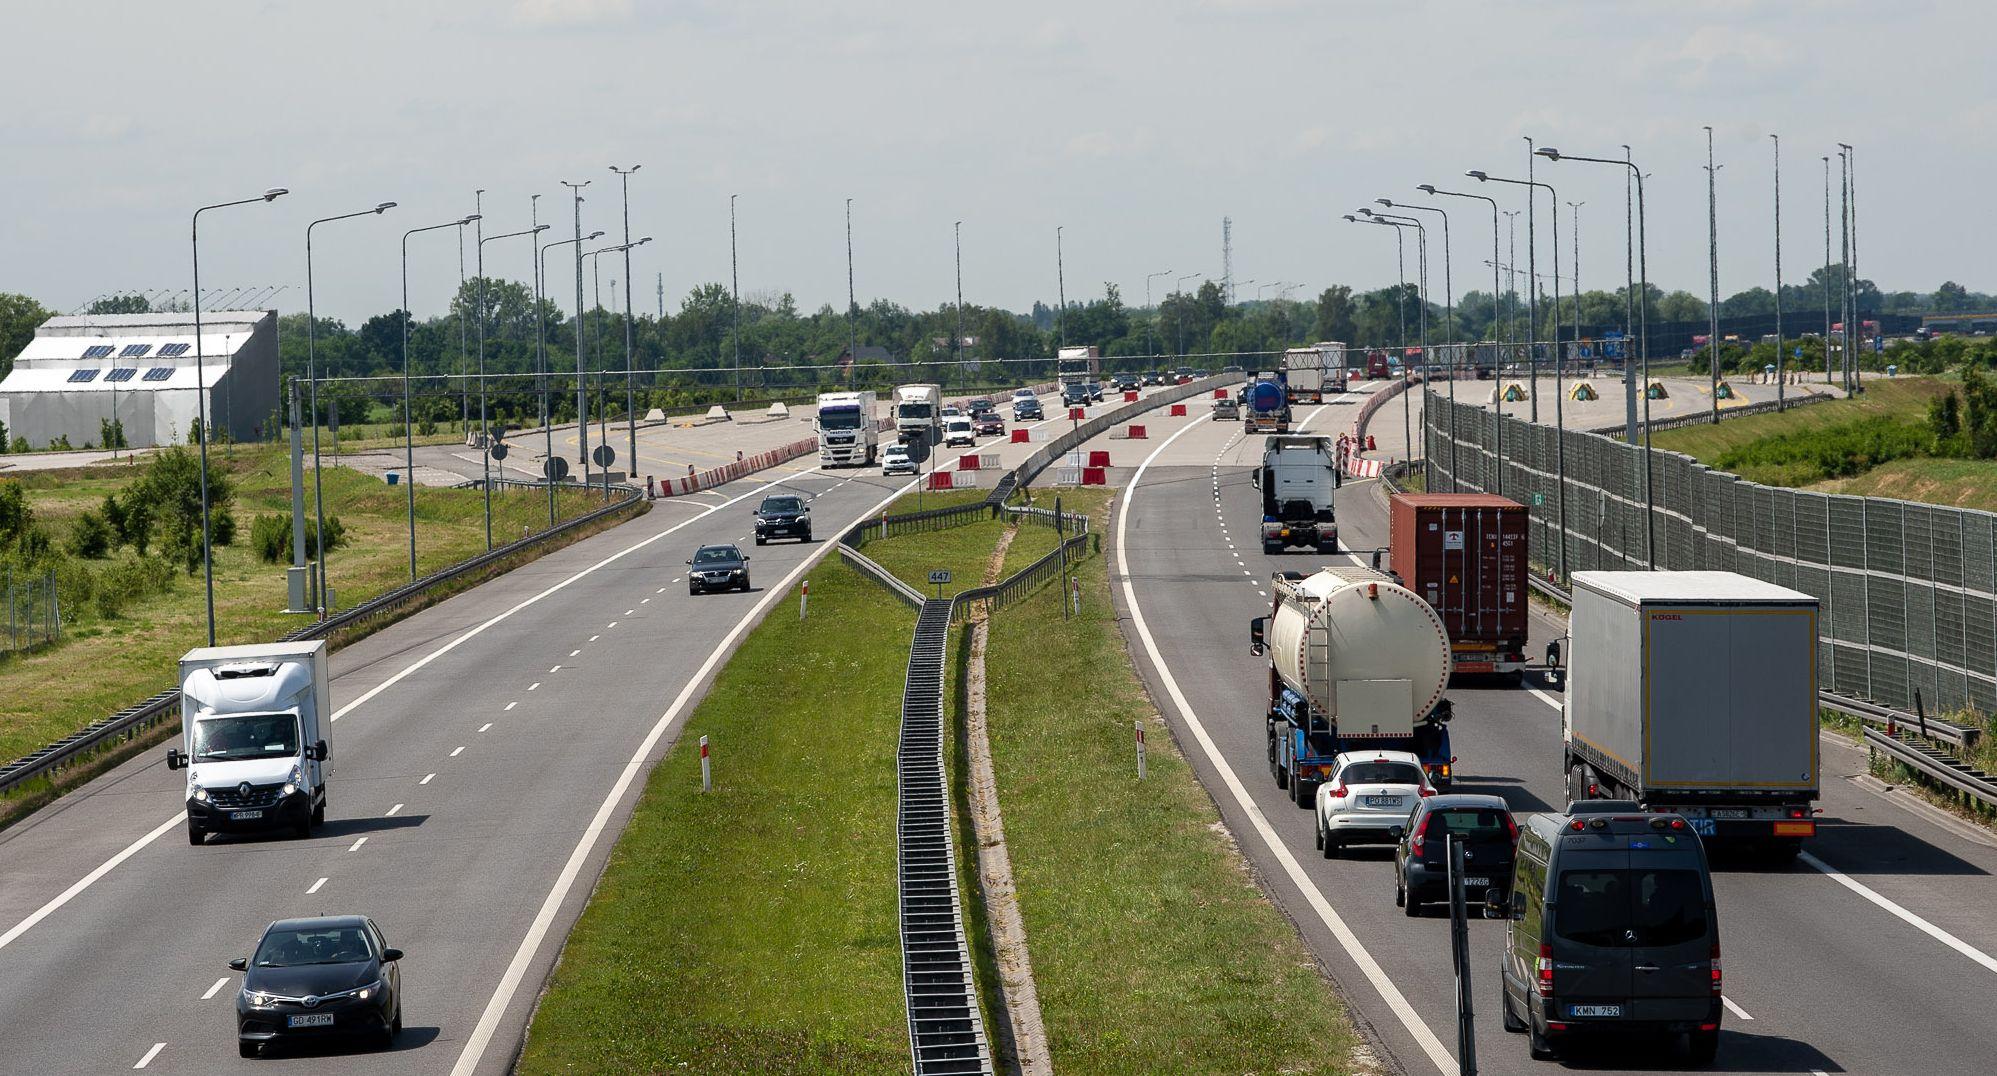 Lenkijoje greitkeliuose vilkikams draudžiama lenkti kitus sunkvežimius. Pažiūrėkite, kur taikomi apribojimai